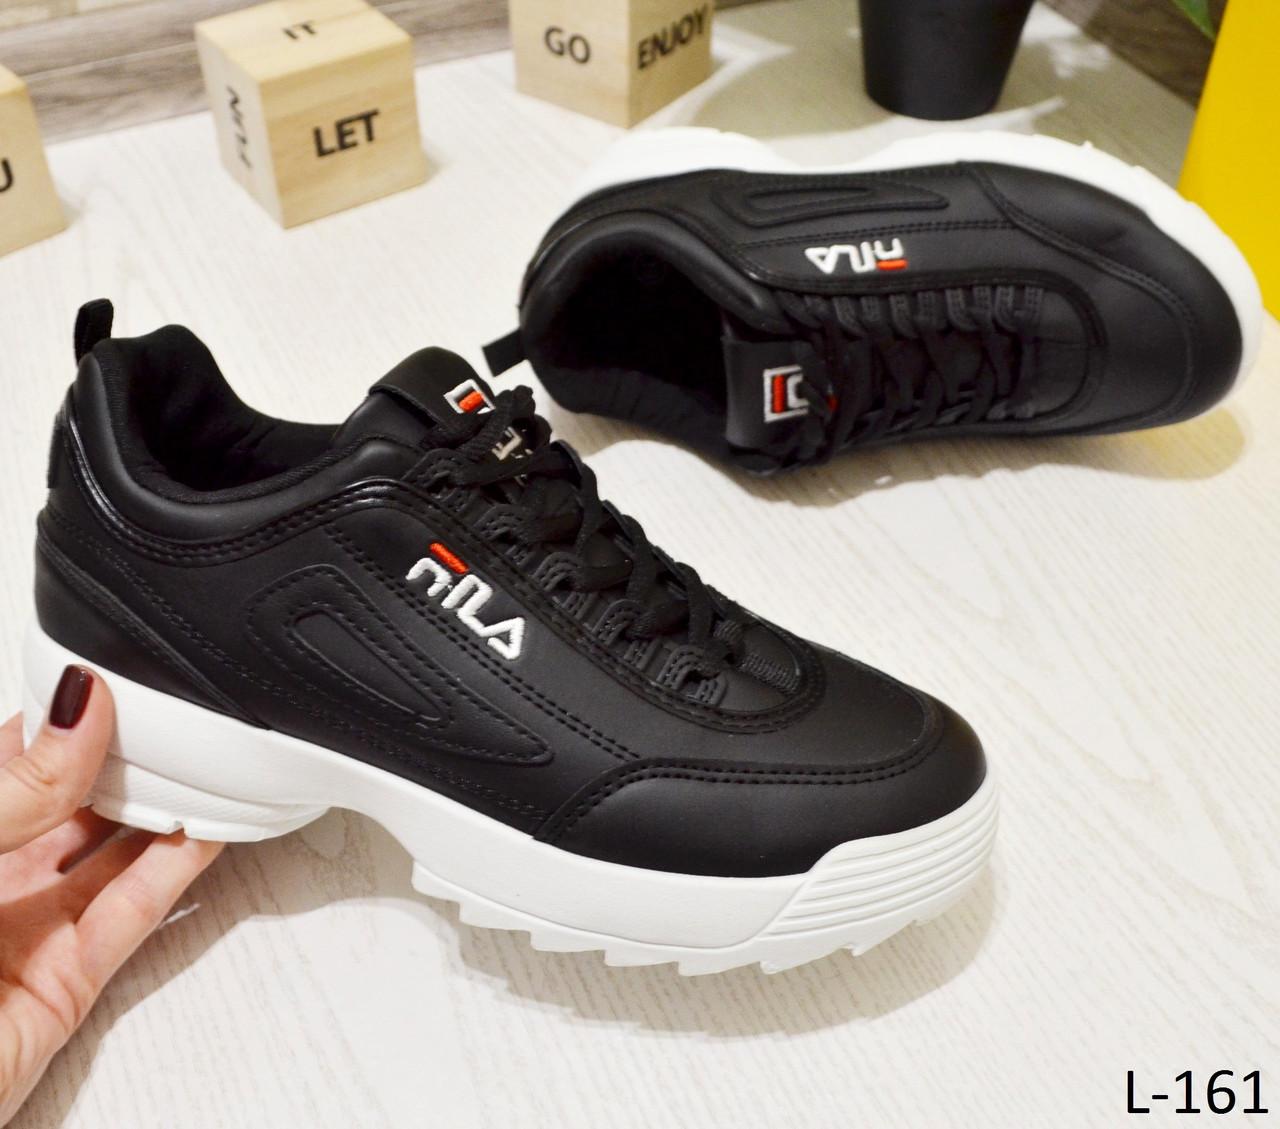 ddd390ac Кроссовки фила черные на высокой подошве, женская спортивная обувь -  Интернет-магазин